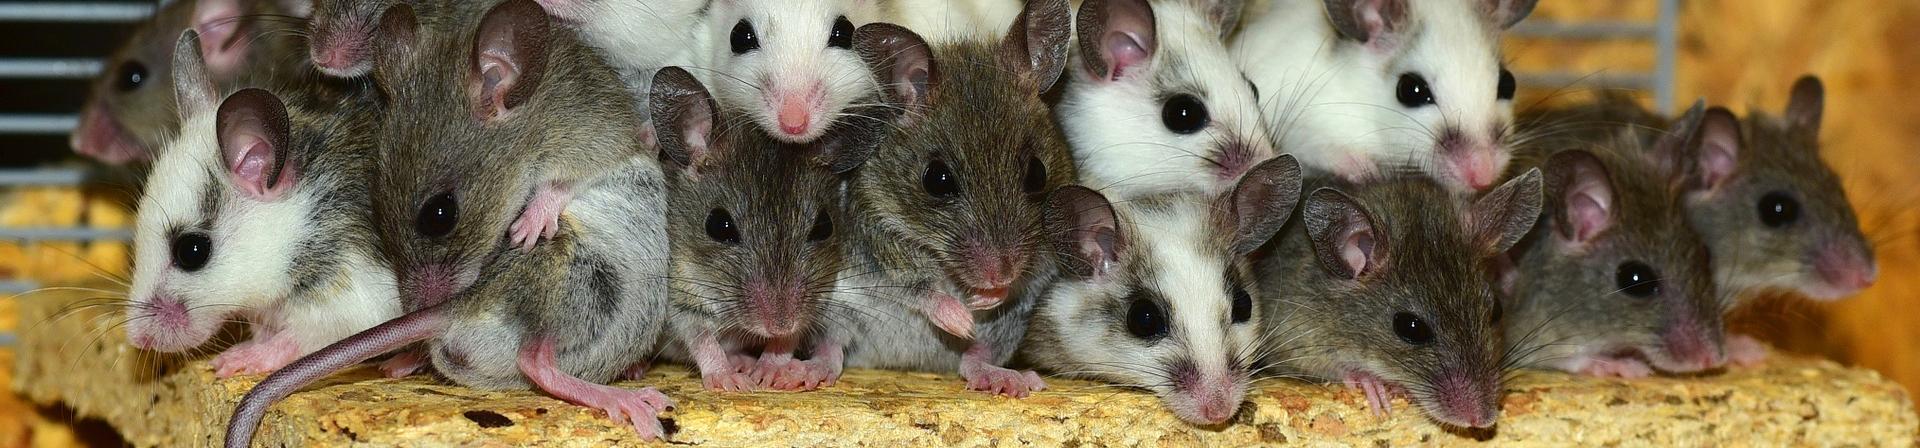 Nagerkäfig Mäuse